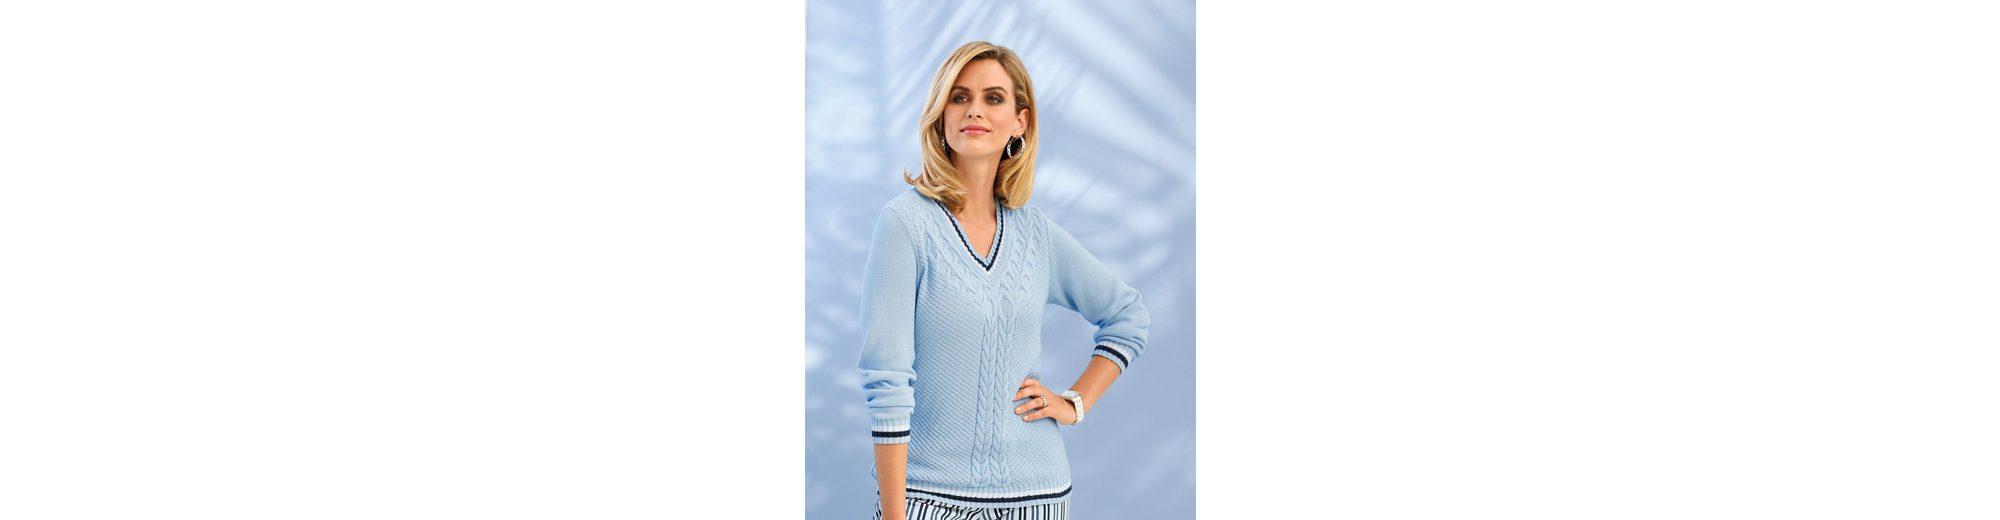 Mona Pullover mit Zopfstruktur Auslass Größte Lieferant Billig Verkauf Bestes Geschäft Zu Bekommen pCMq9mr97m